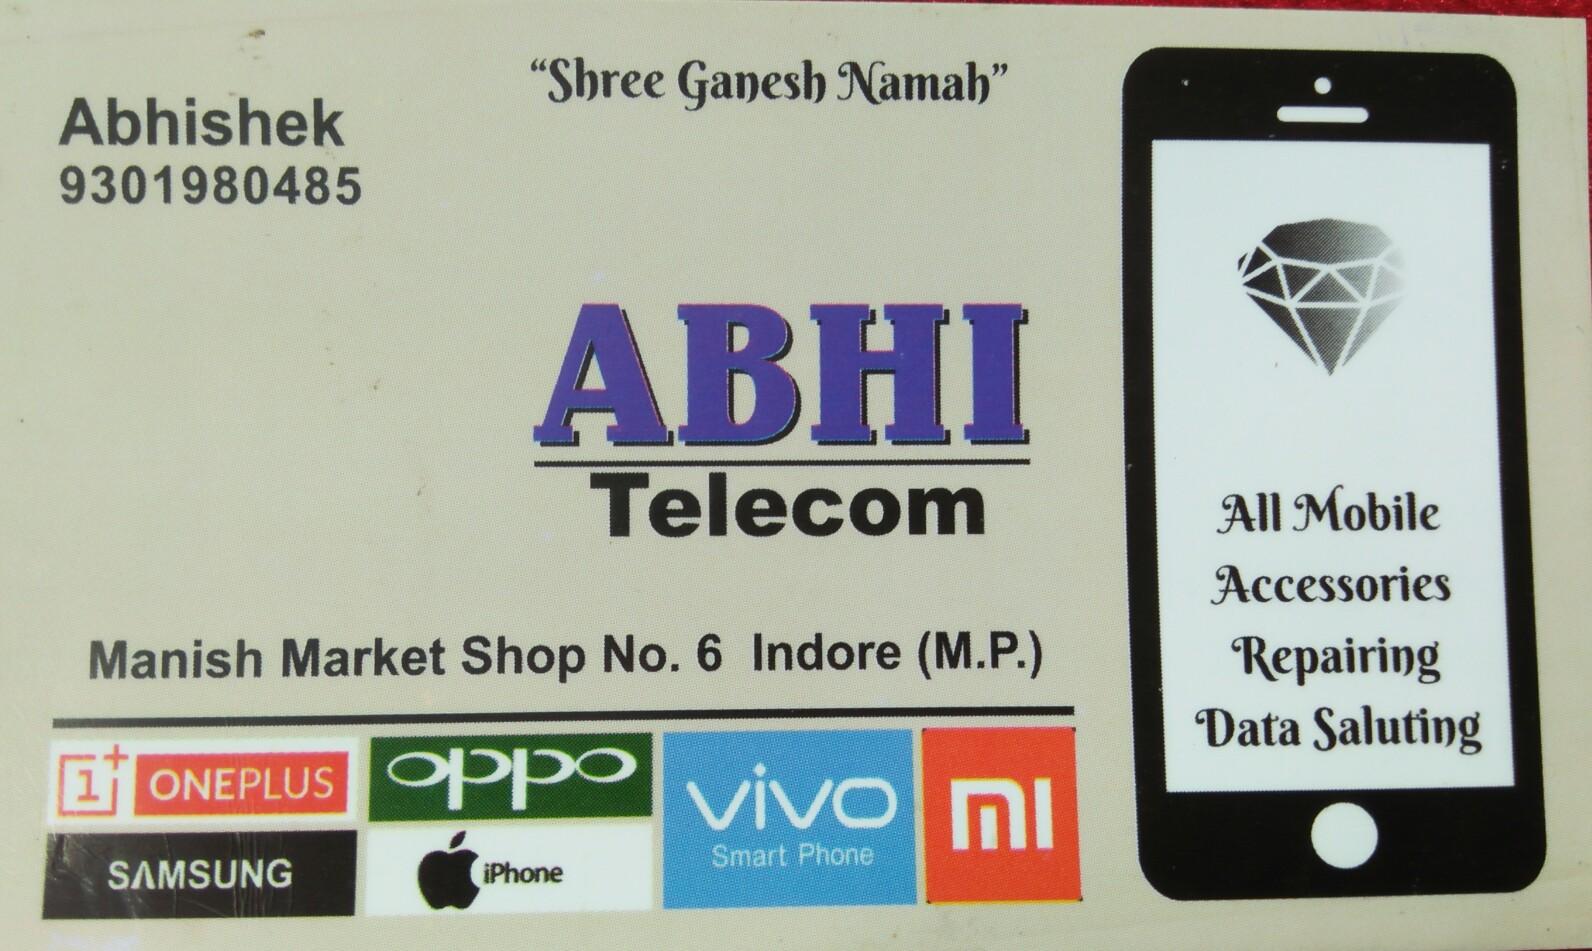 Abhi telecom